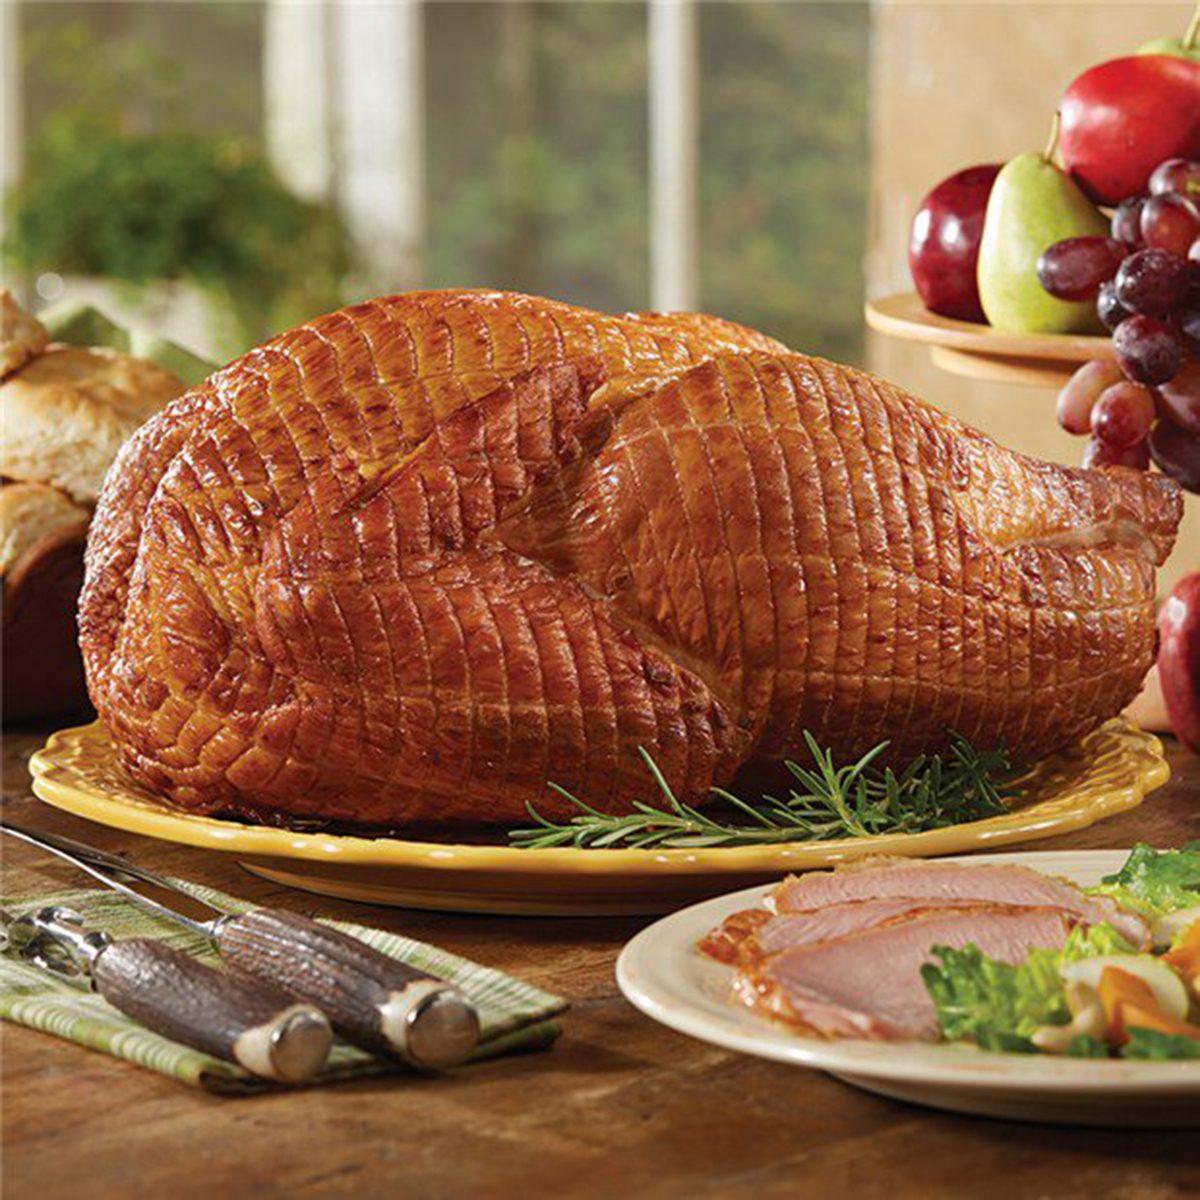 Nueske's Applewood Smoked Whole Turkey